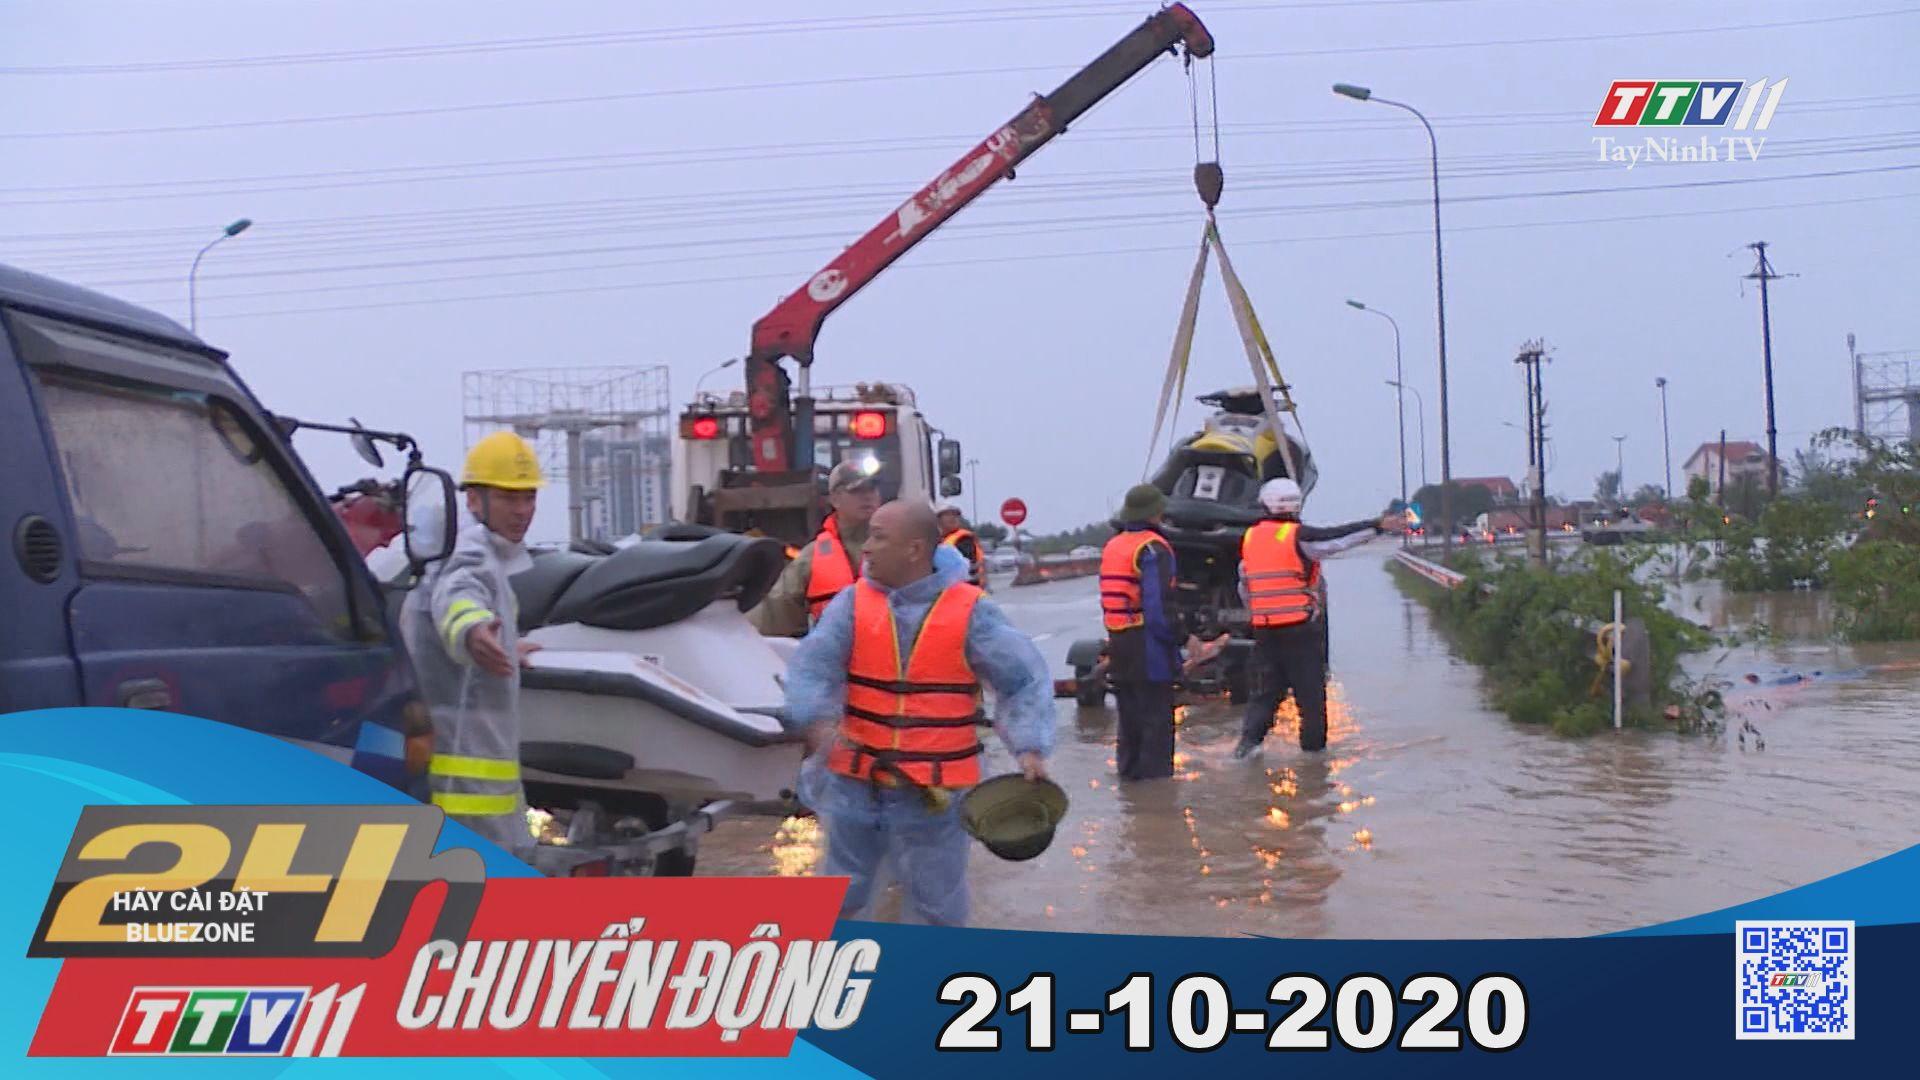 24h Chuyển động 21-10-2020 | Tin tức hôm nay | TayNinhTV